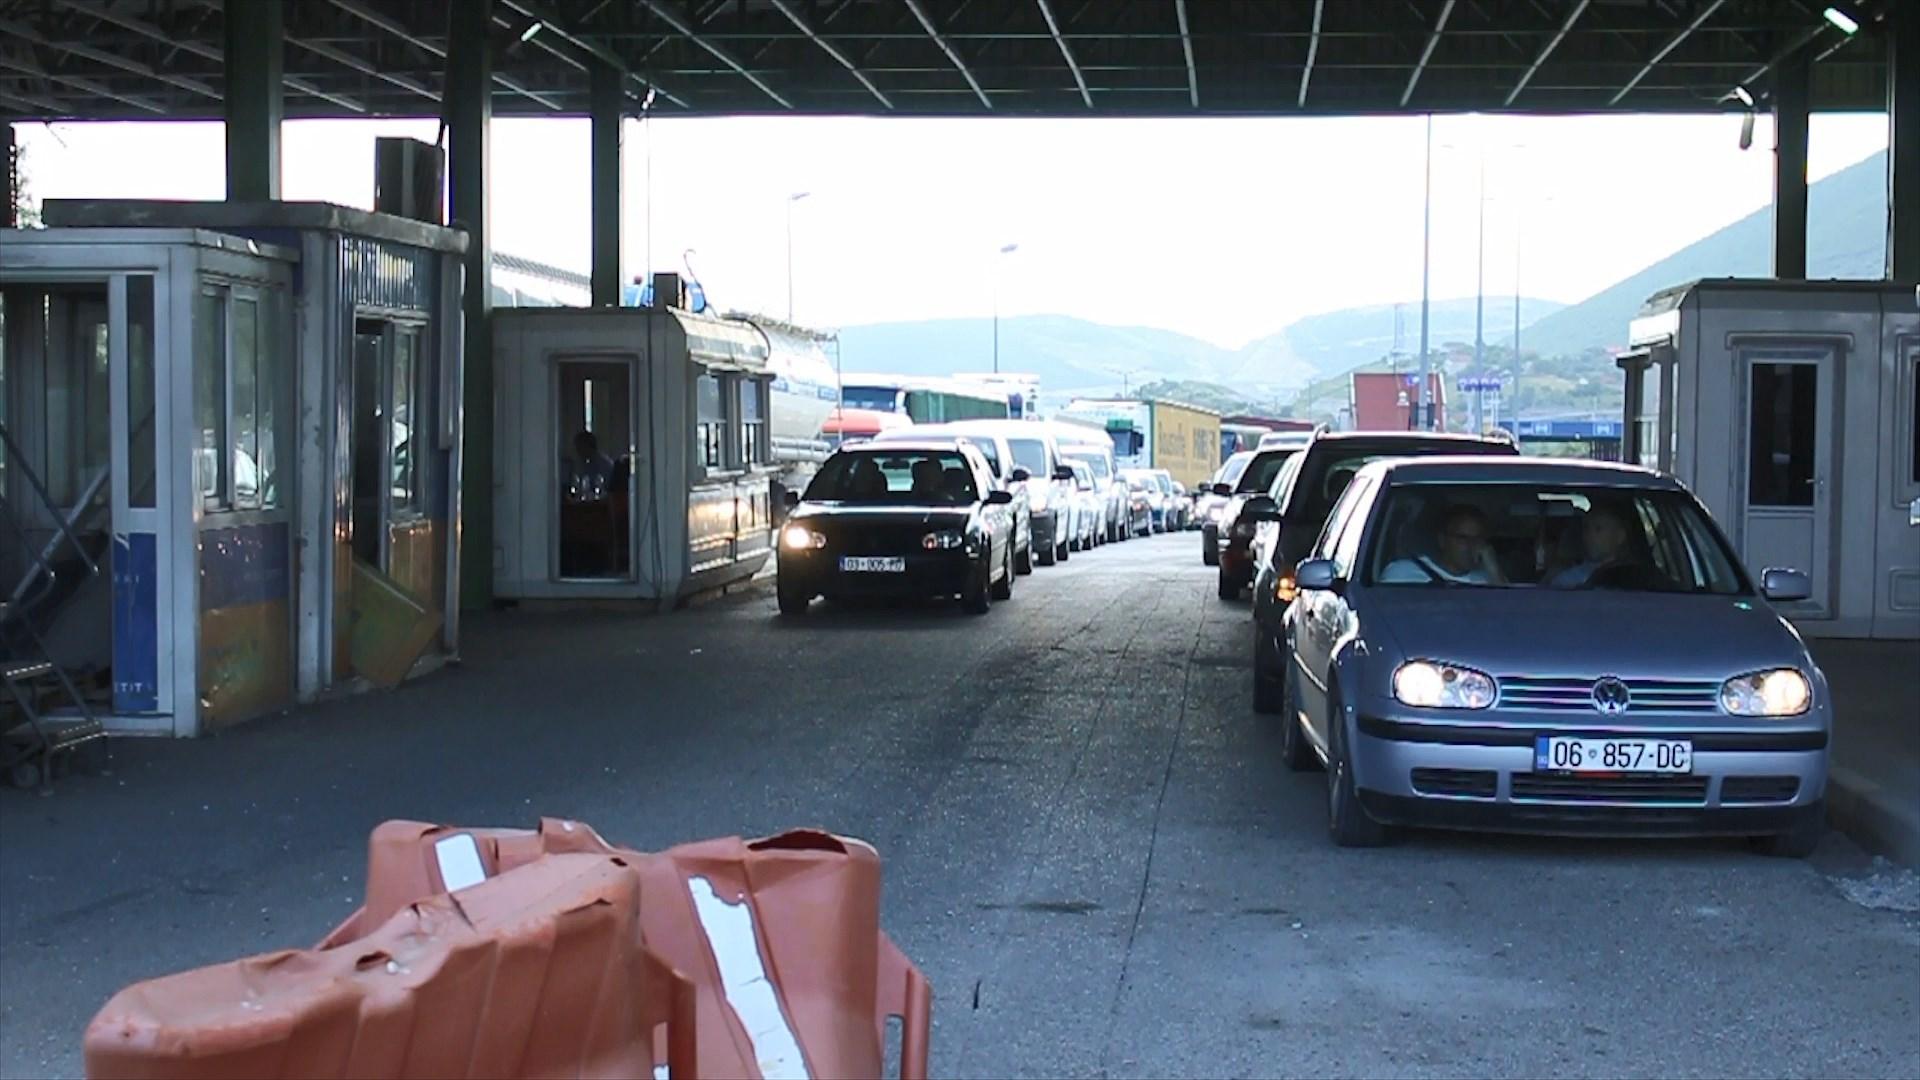 Radhë të çmendura në Morinë të Kukësit, kosovarët drejt Shqipërisë